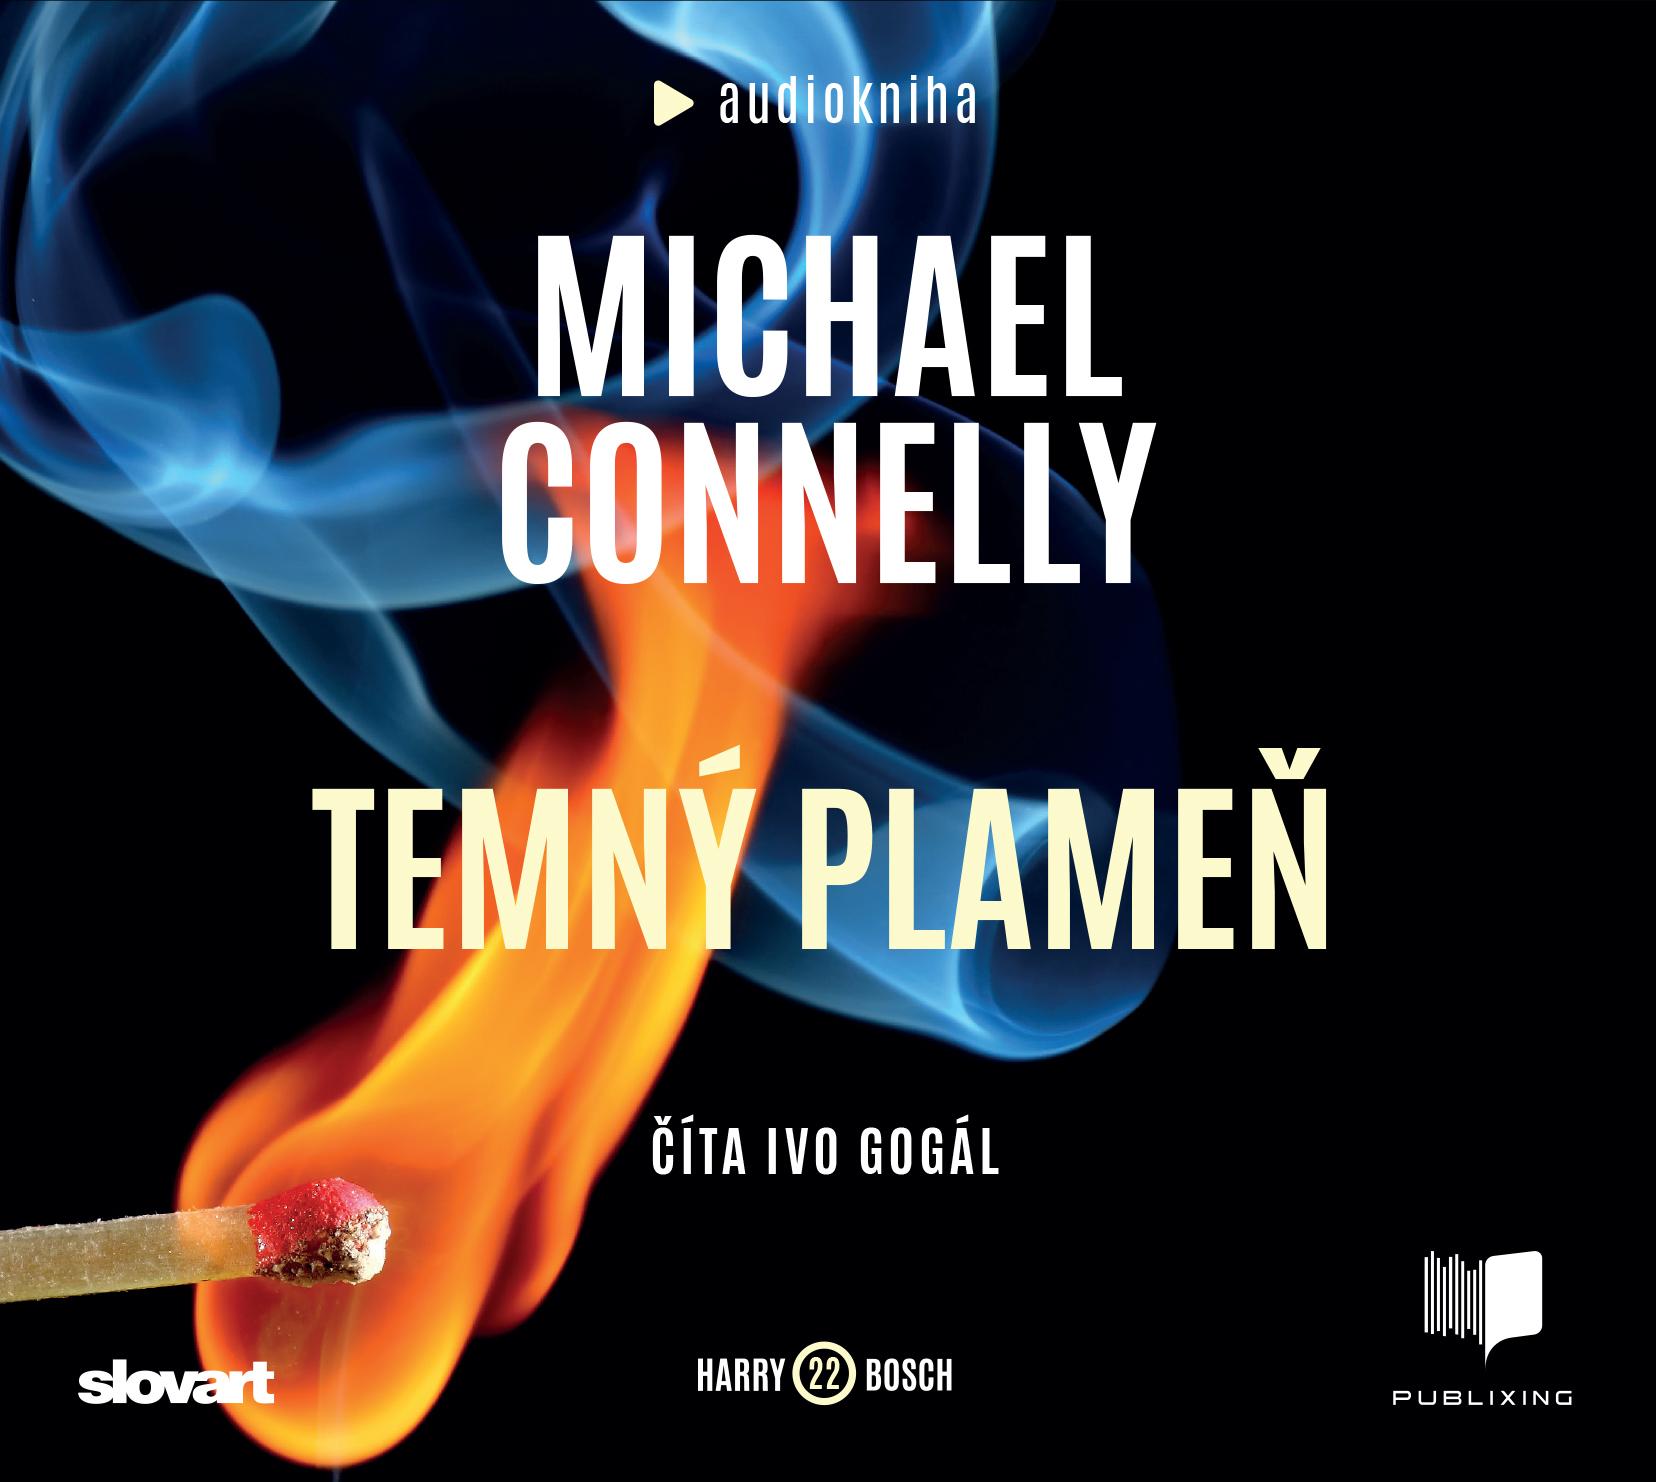 Audiokniha Temný plameň